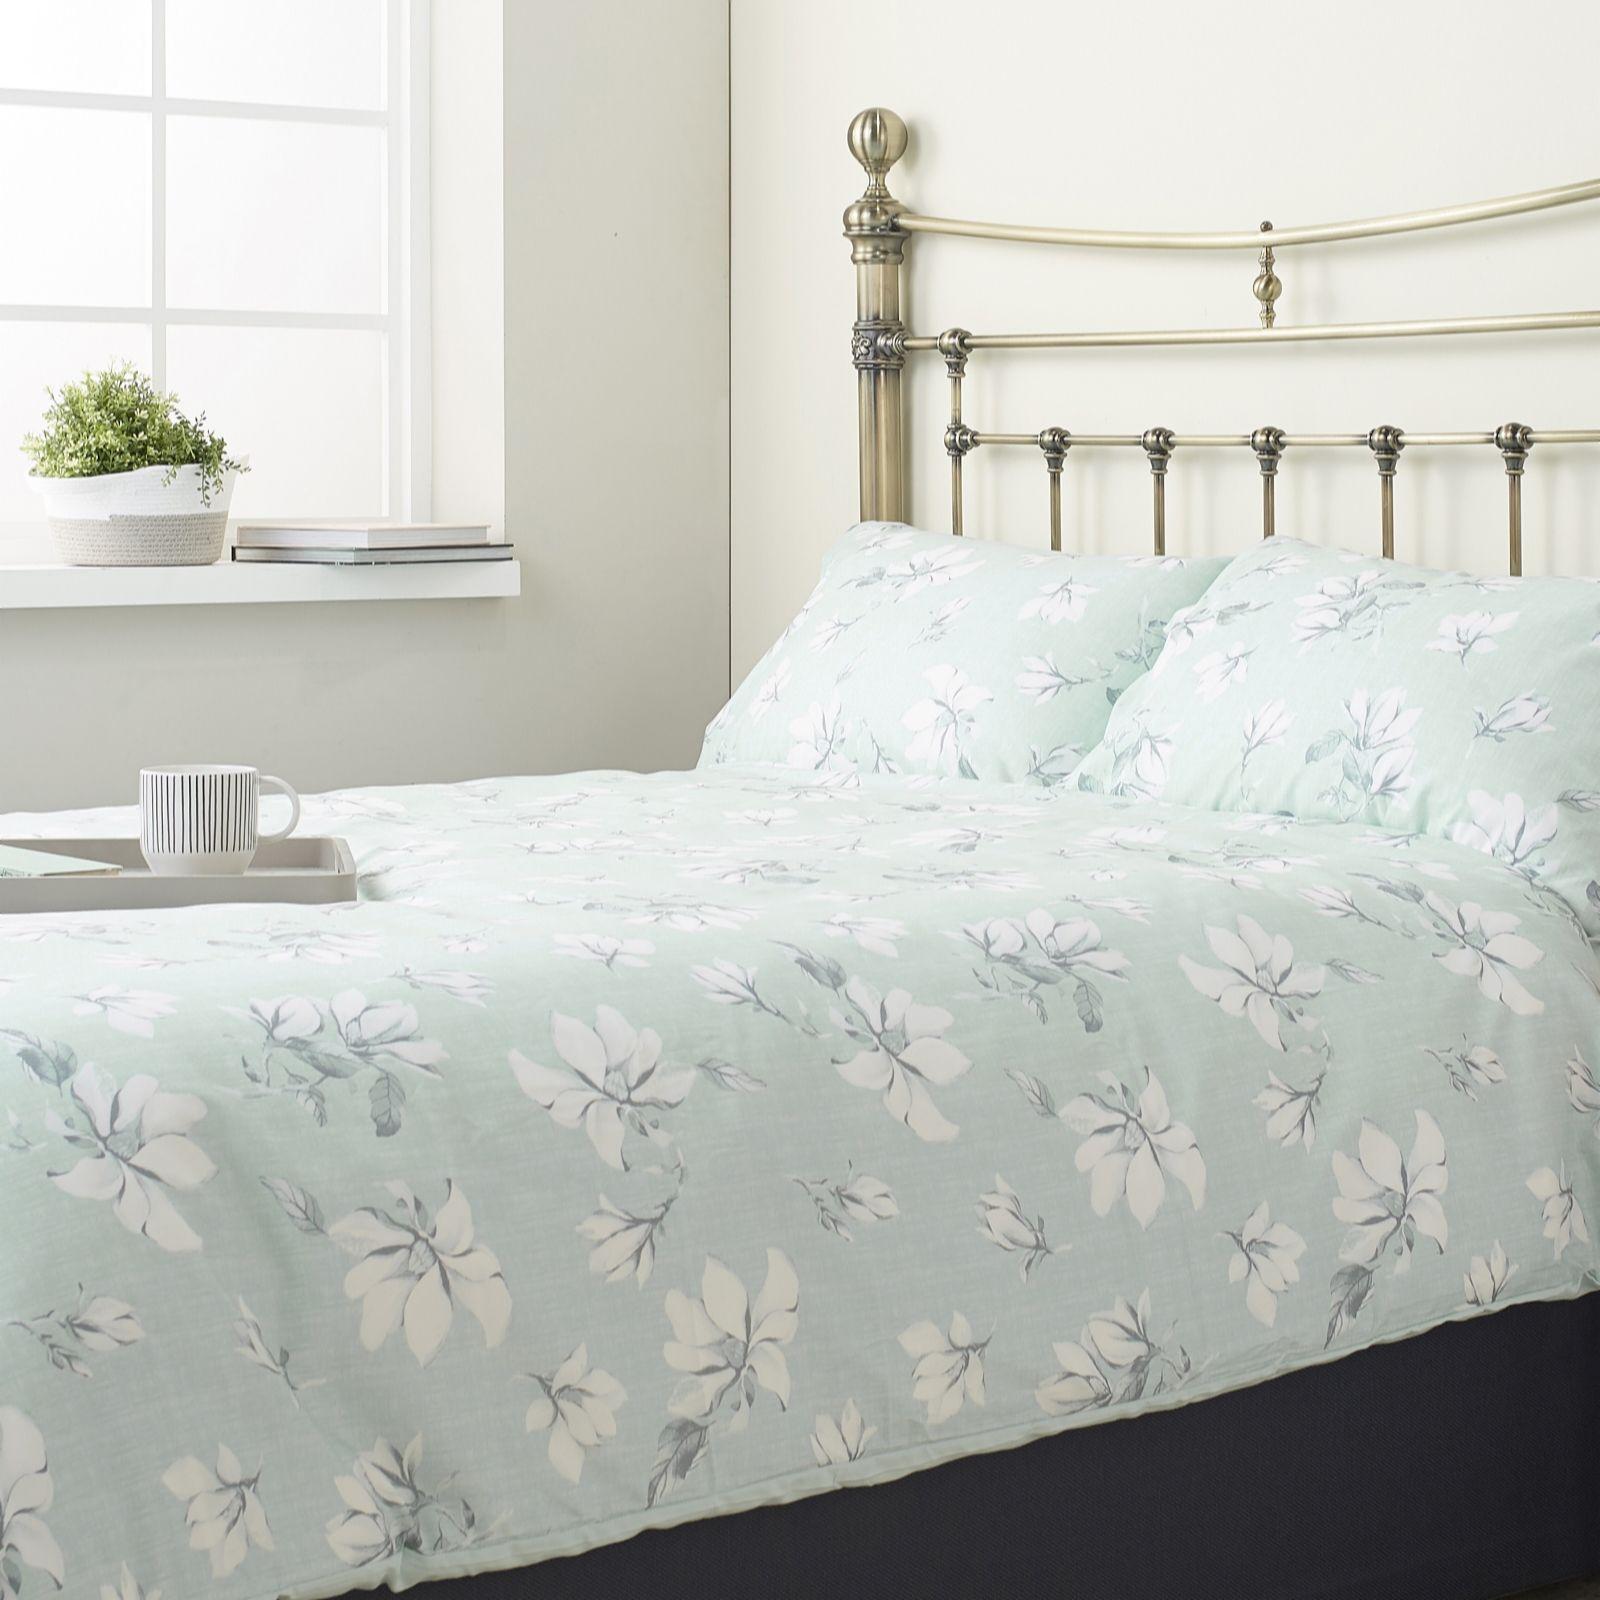 769c4921a3ec Cozee Home Madeline Floral Supersoft 4 Piece Duvet Set - QVC UK